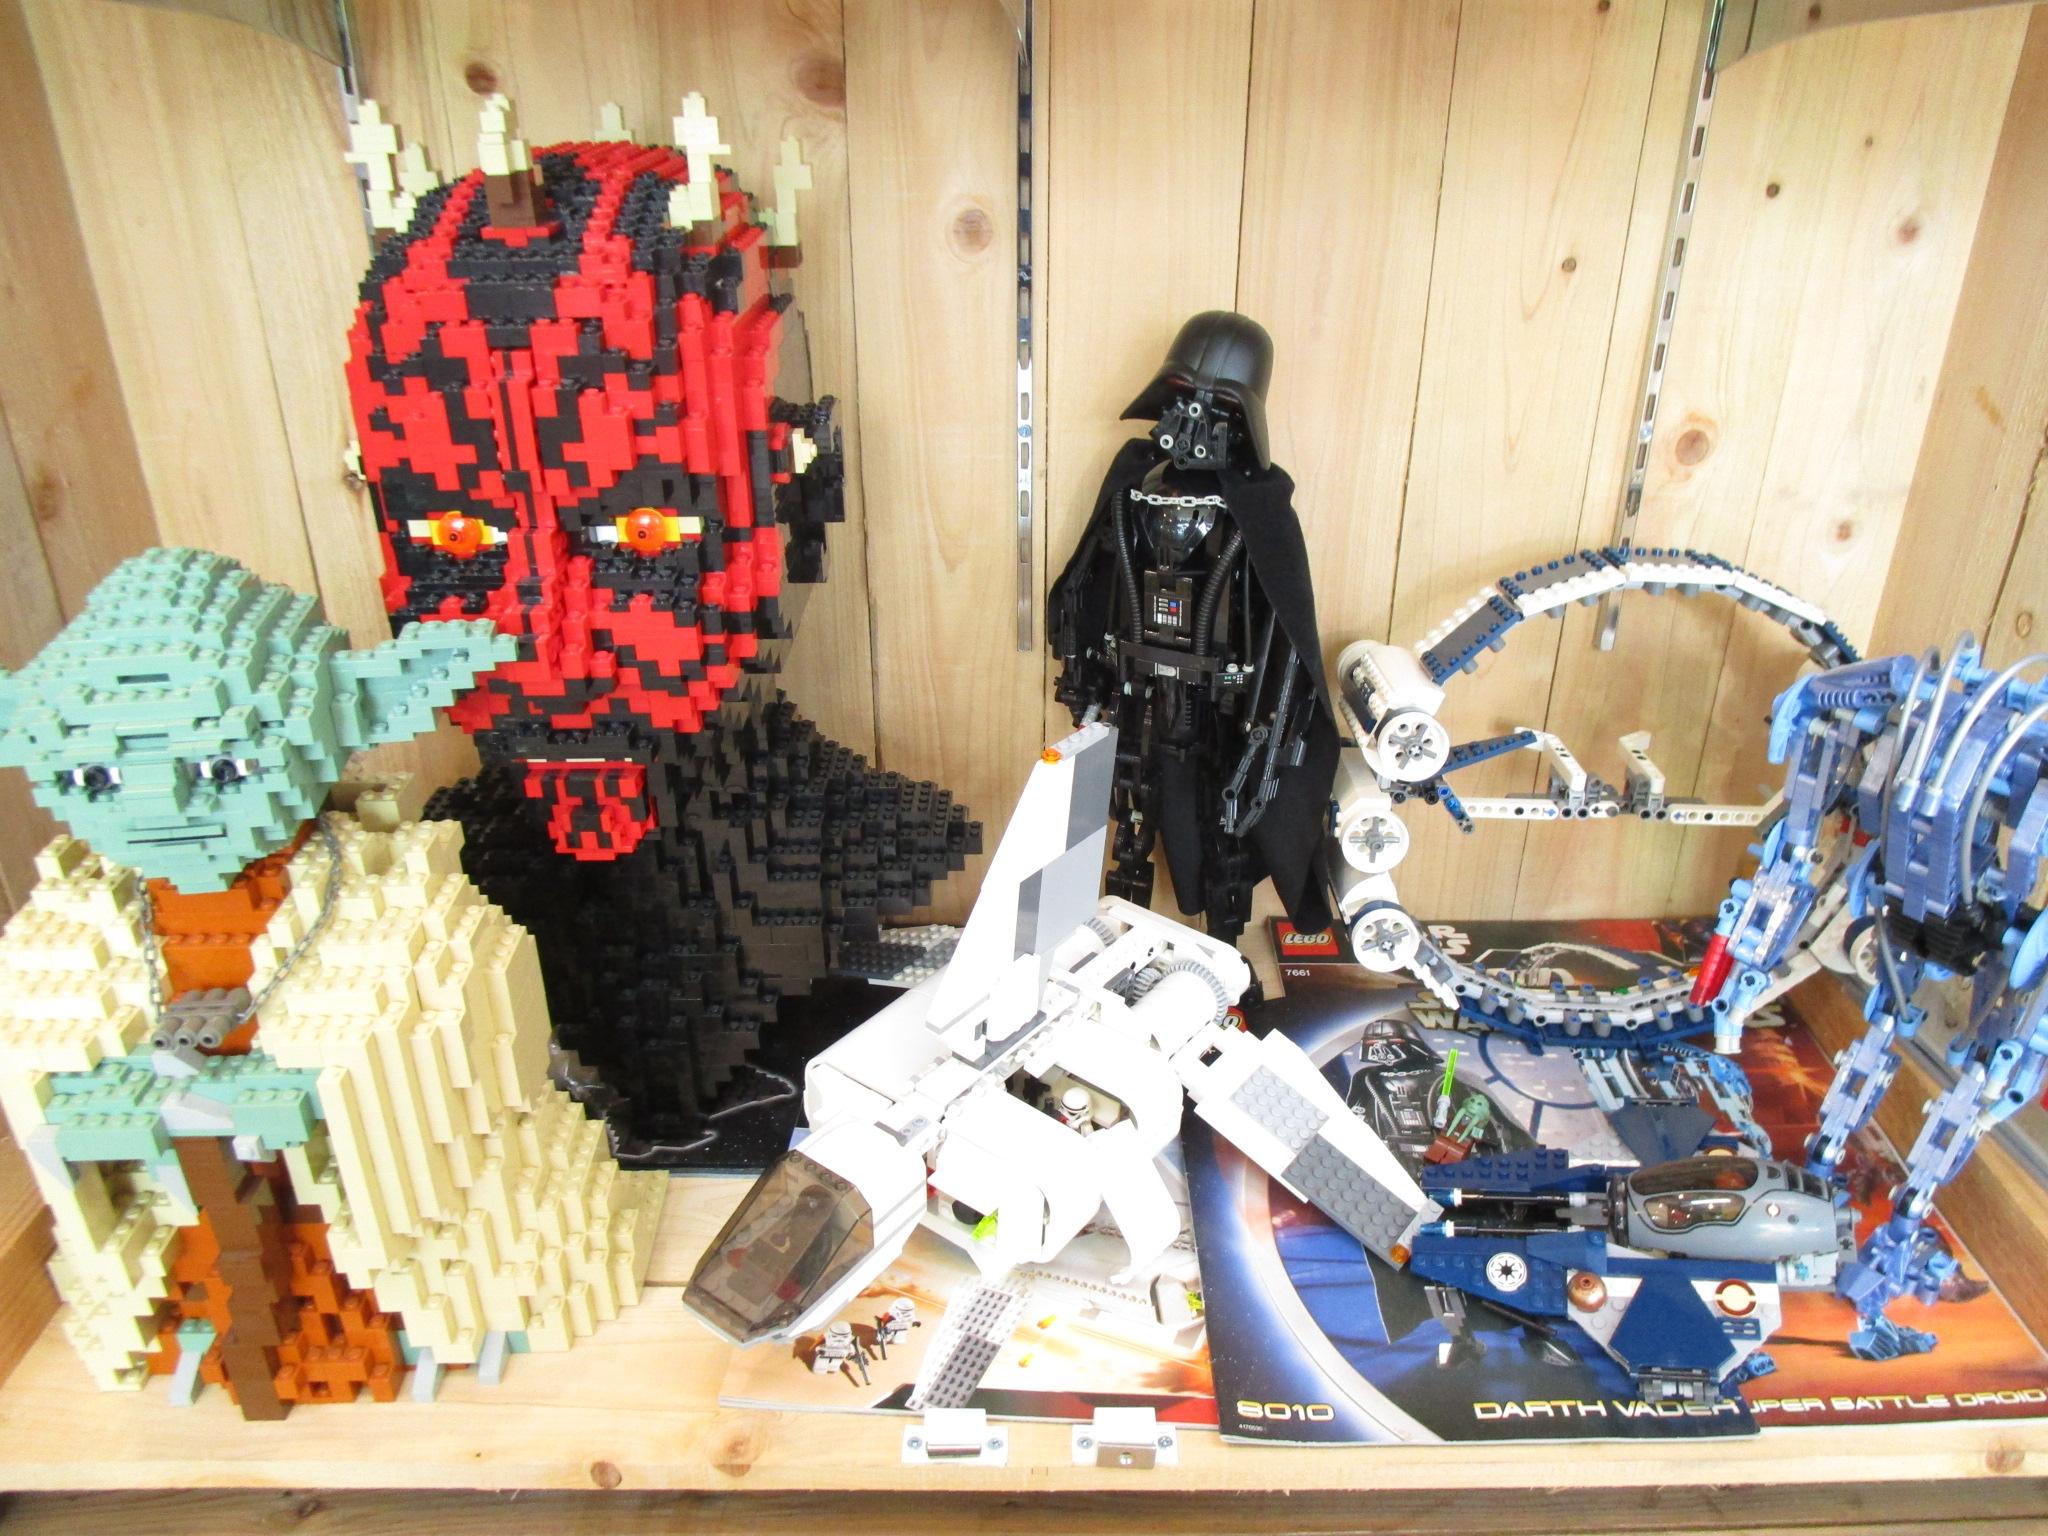 レゴ・スターウォーズシリーズなどが続々と入荷中です!!